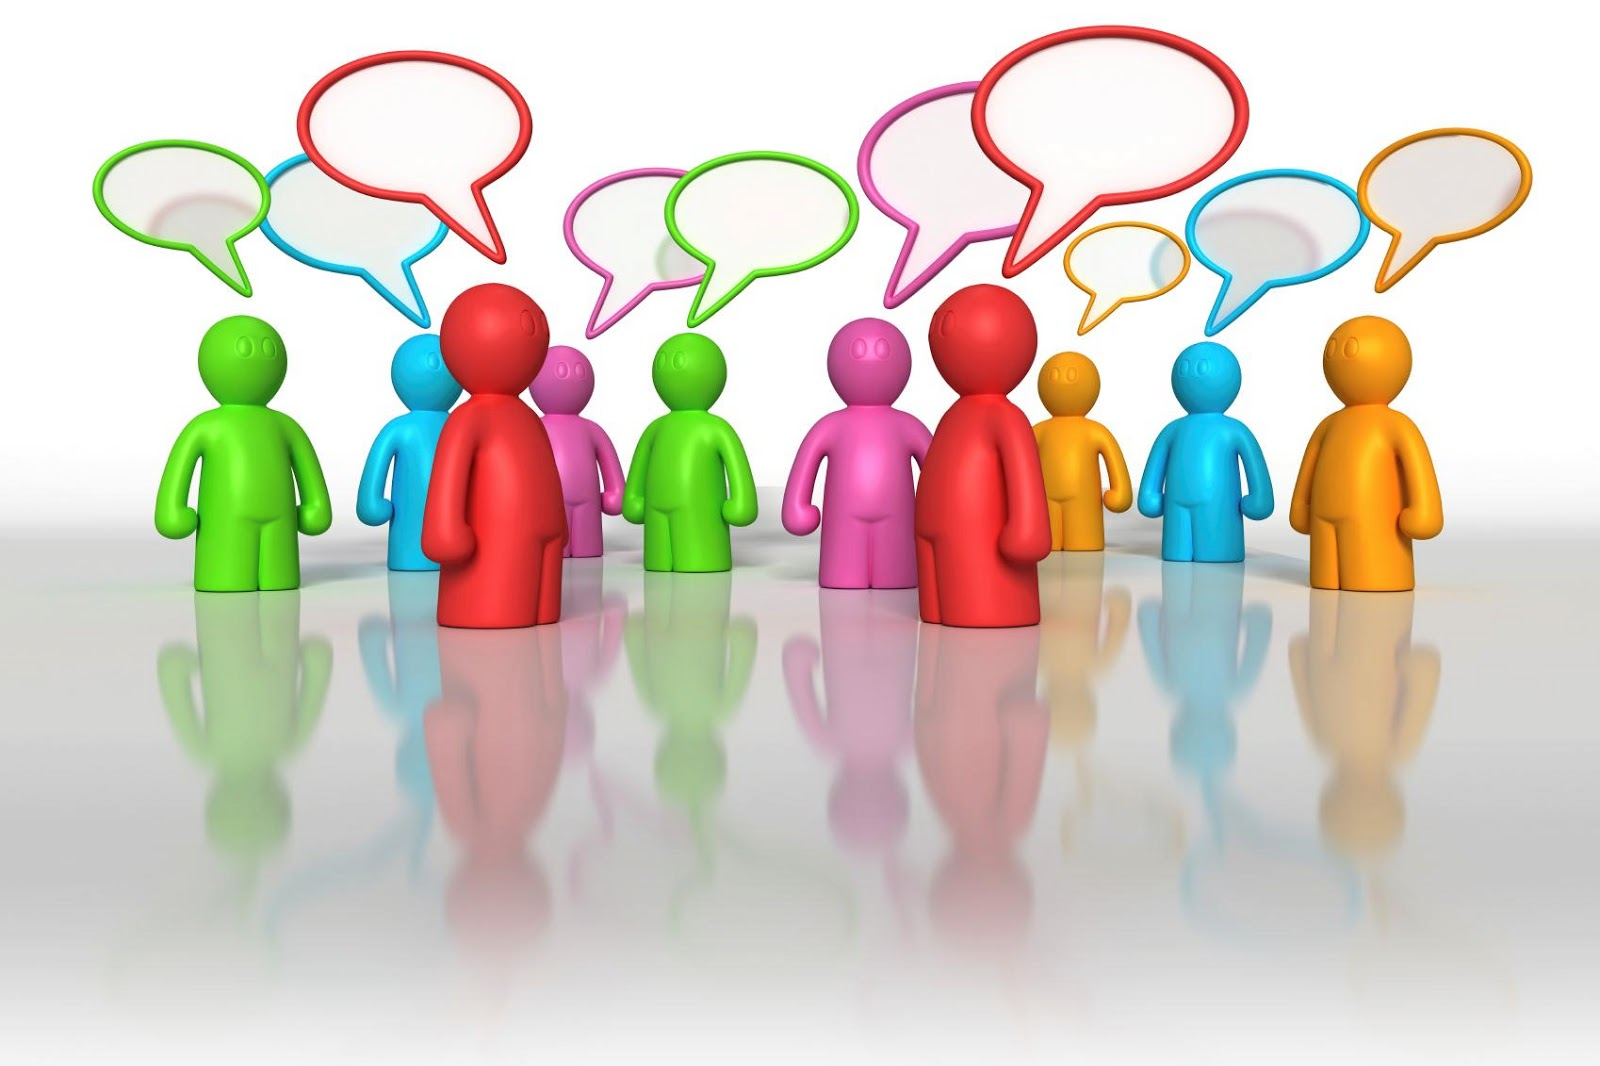 importancia de los medios de comunicacion social: